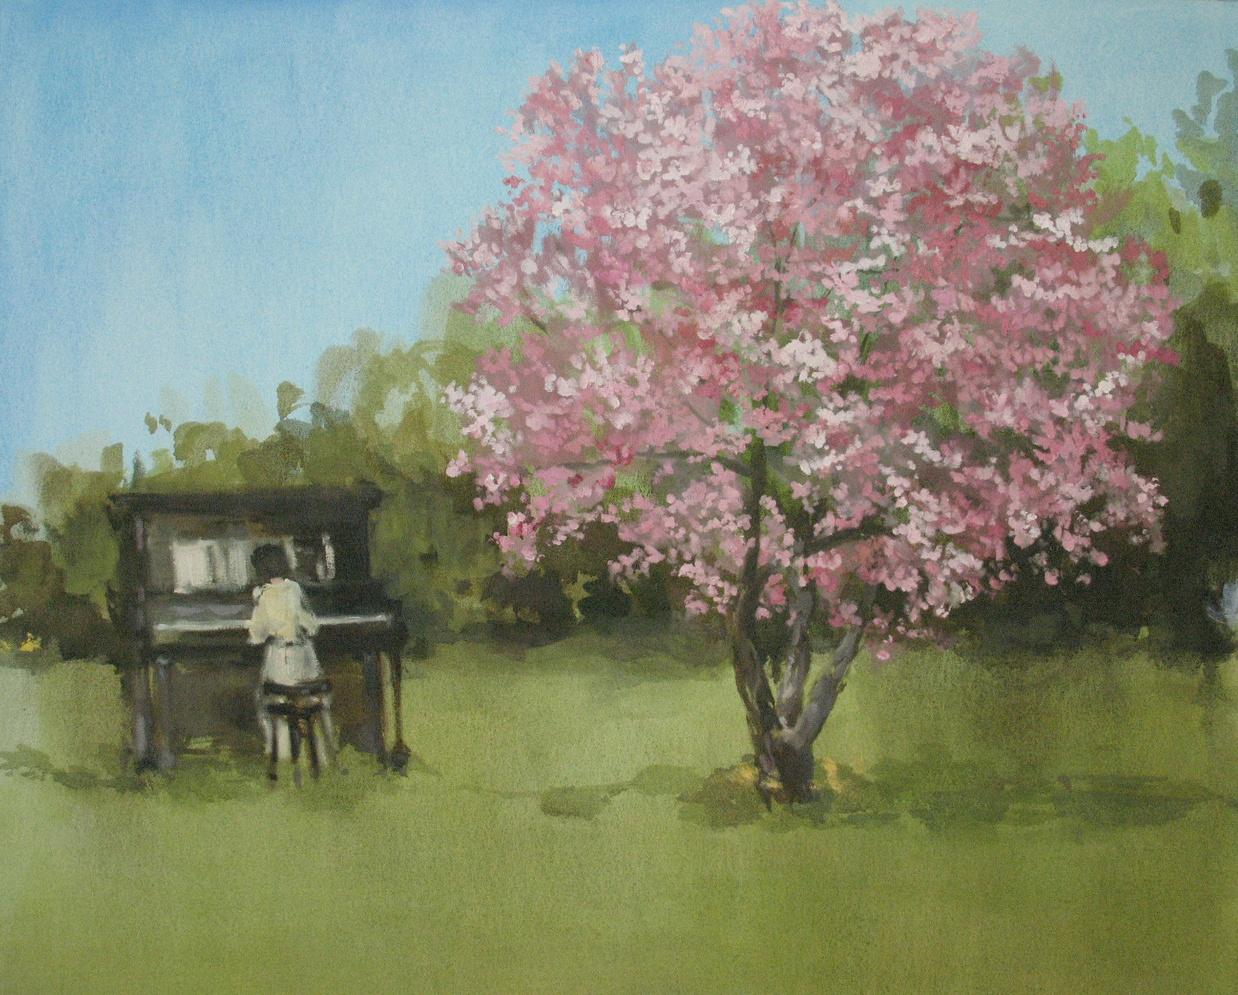 Velvet Carousel (Magnolia song) 30 x 36 in. oil on canvas 2010